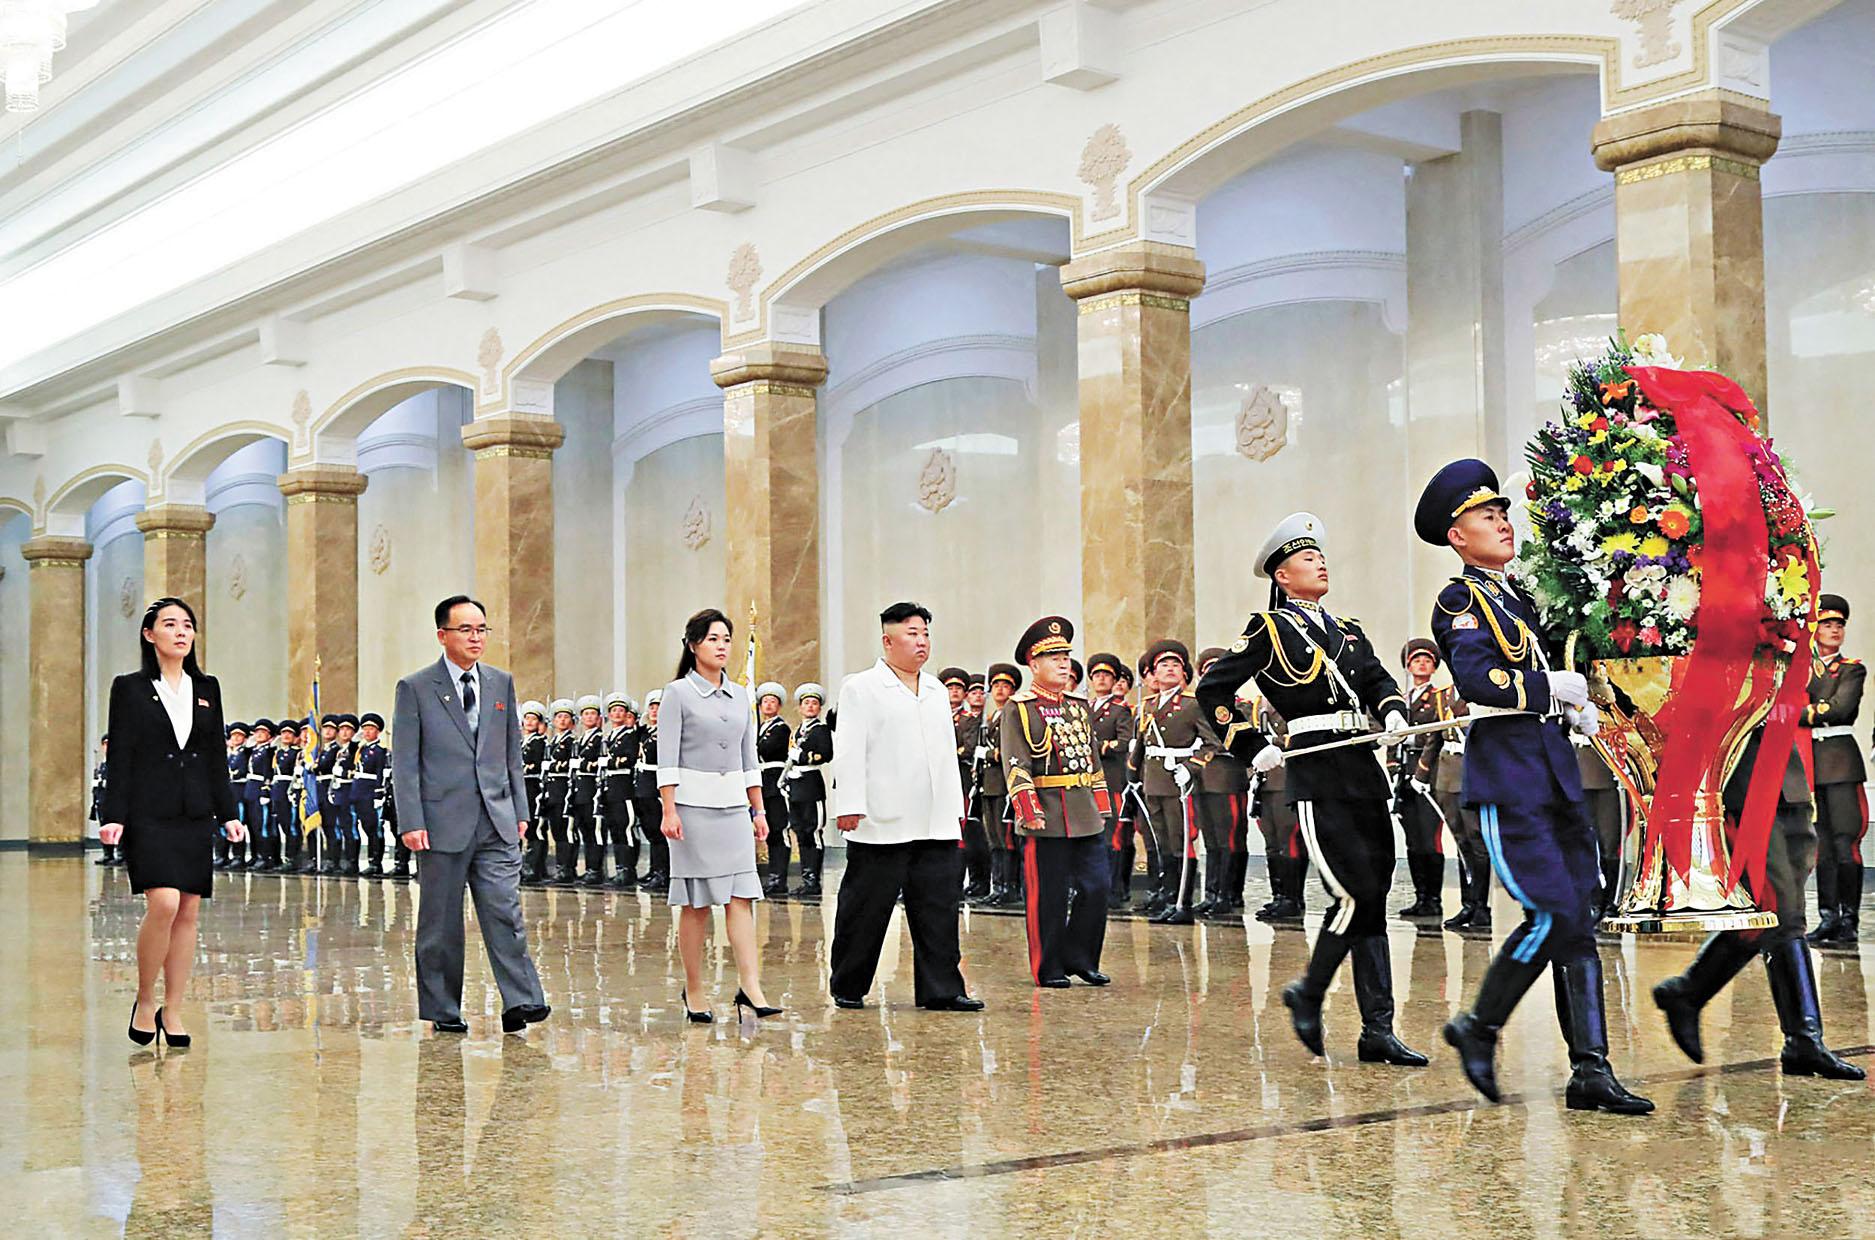 金正恩(左四)攜夫人李雪主(左三)、朝鮮勞動黨宣傳鼓動部副部長金與正(左一)、黨組織書記趙勇元(左二)和軍總參謀長朴正川(左五)參謁錦繡山太陽宮。法新社